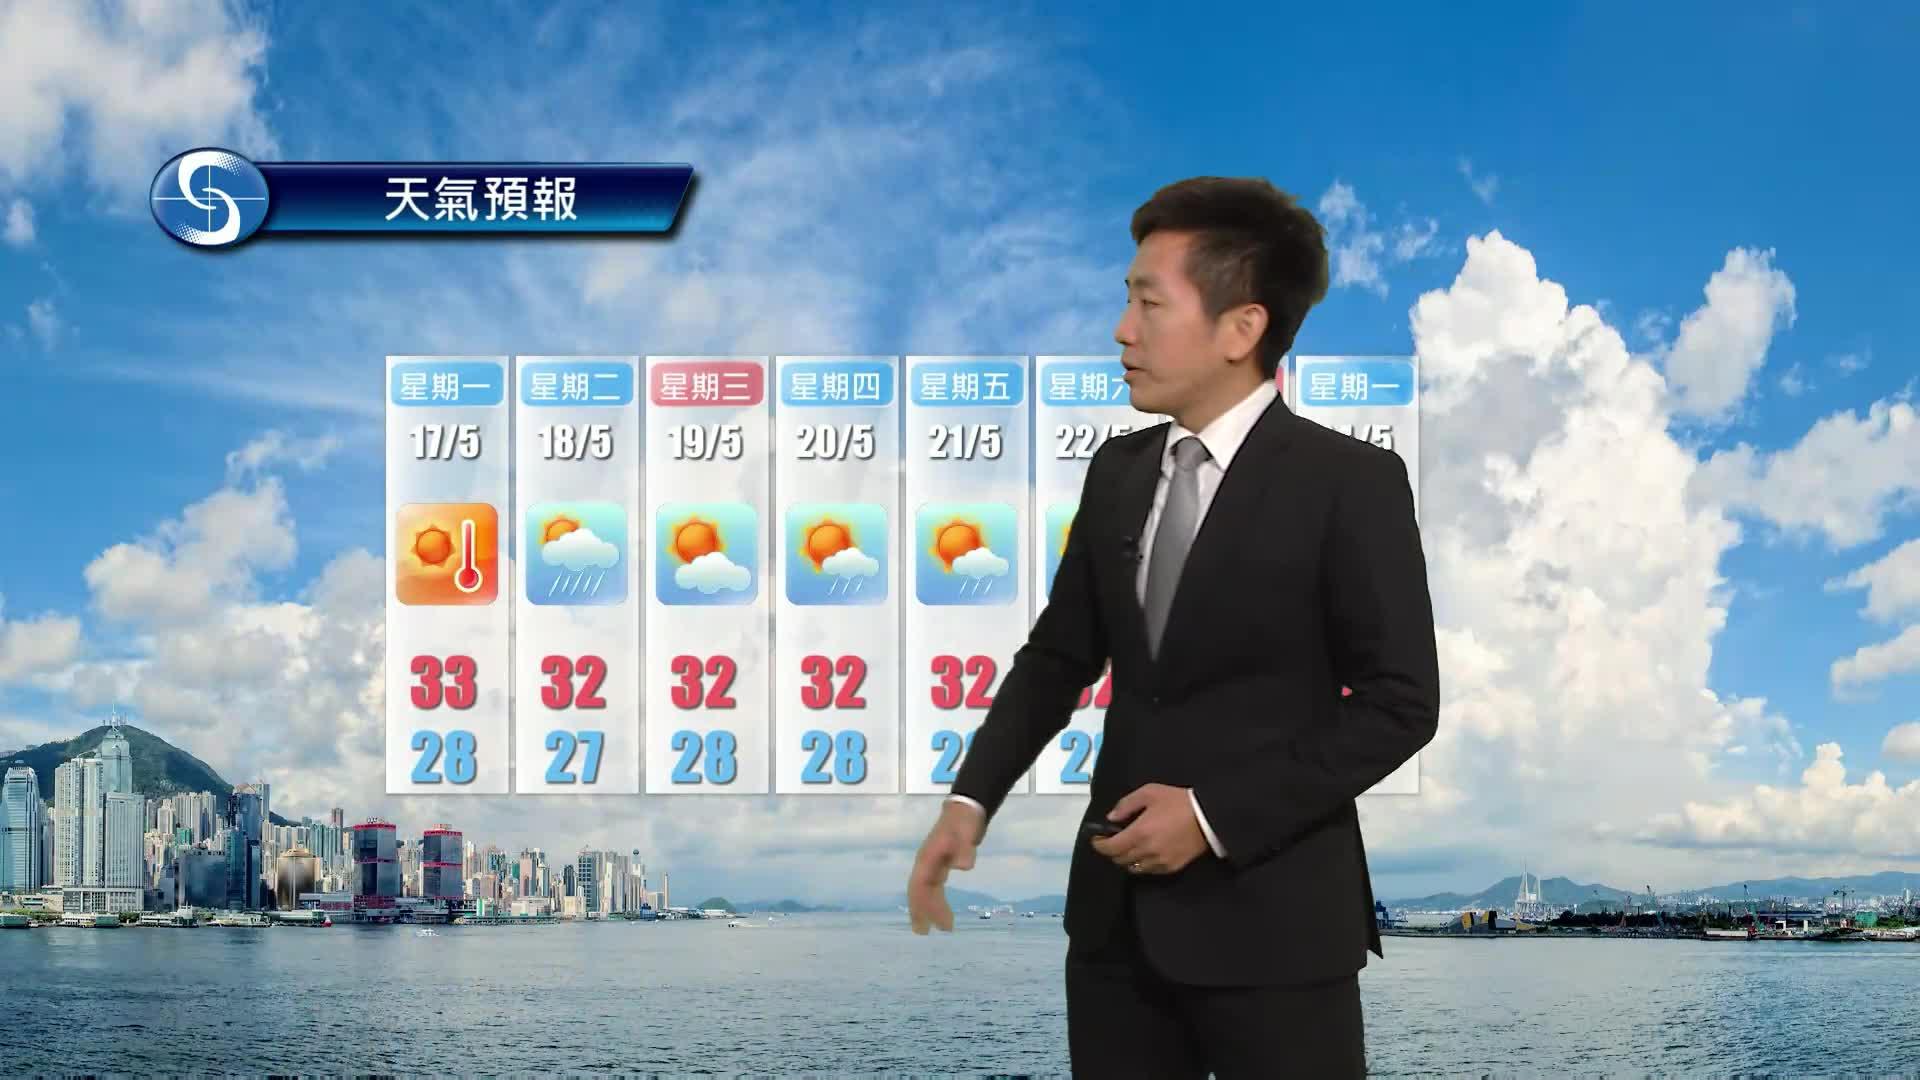 早晨天氣節目(05月16日上午8時) - 署理高級科學主任江偉